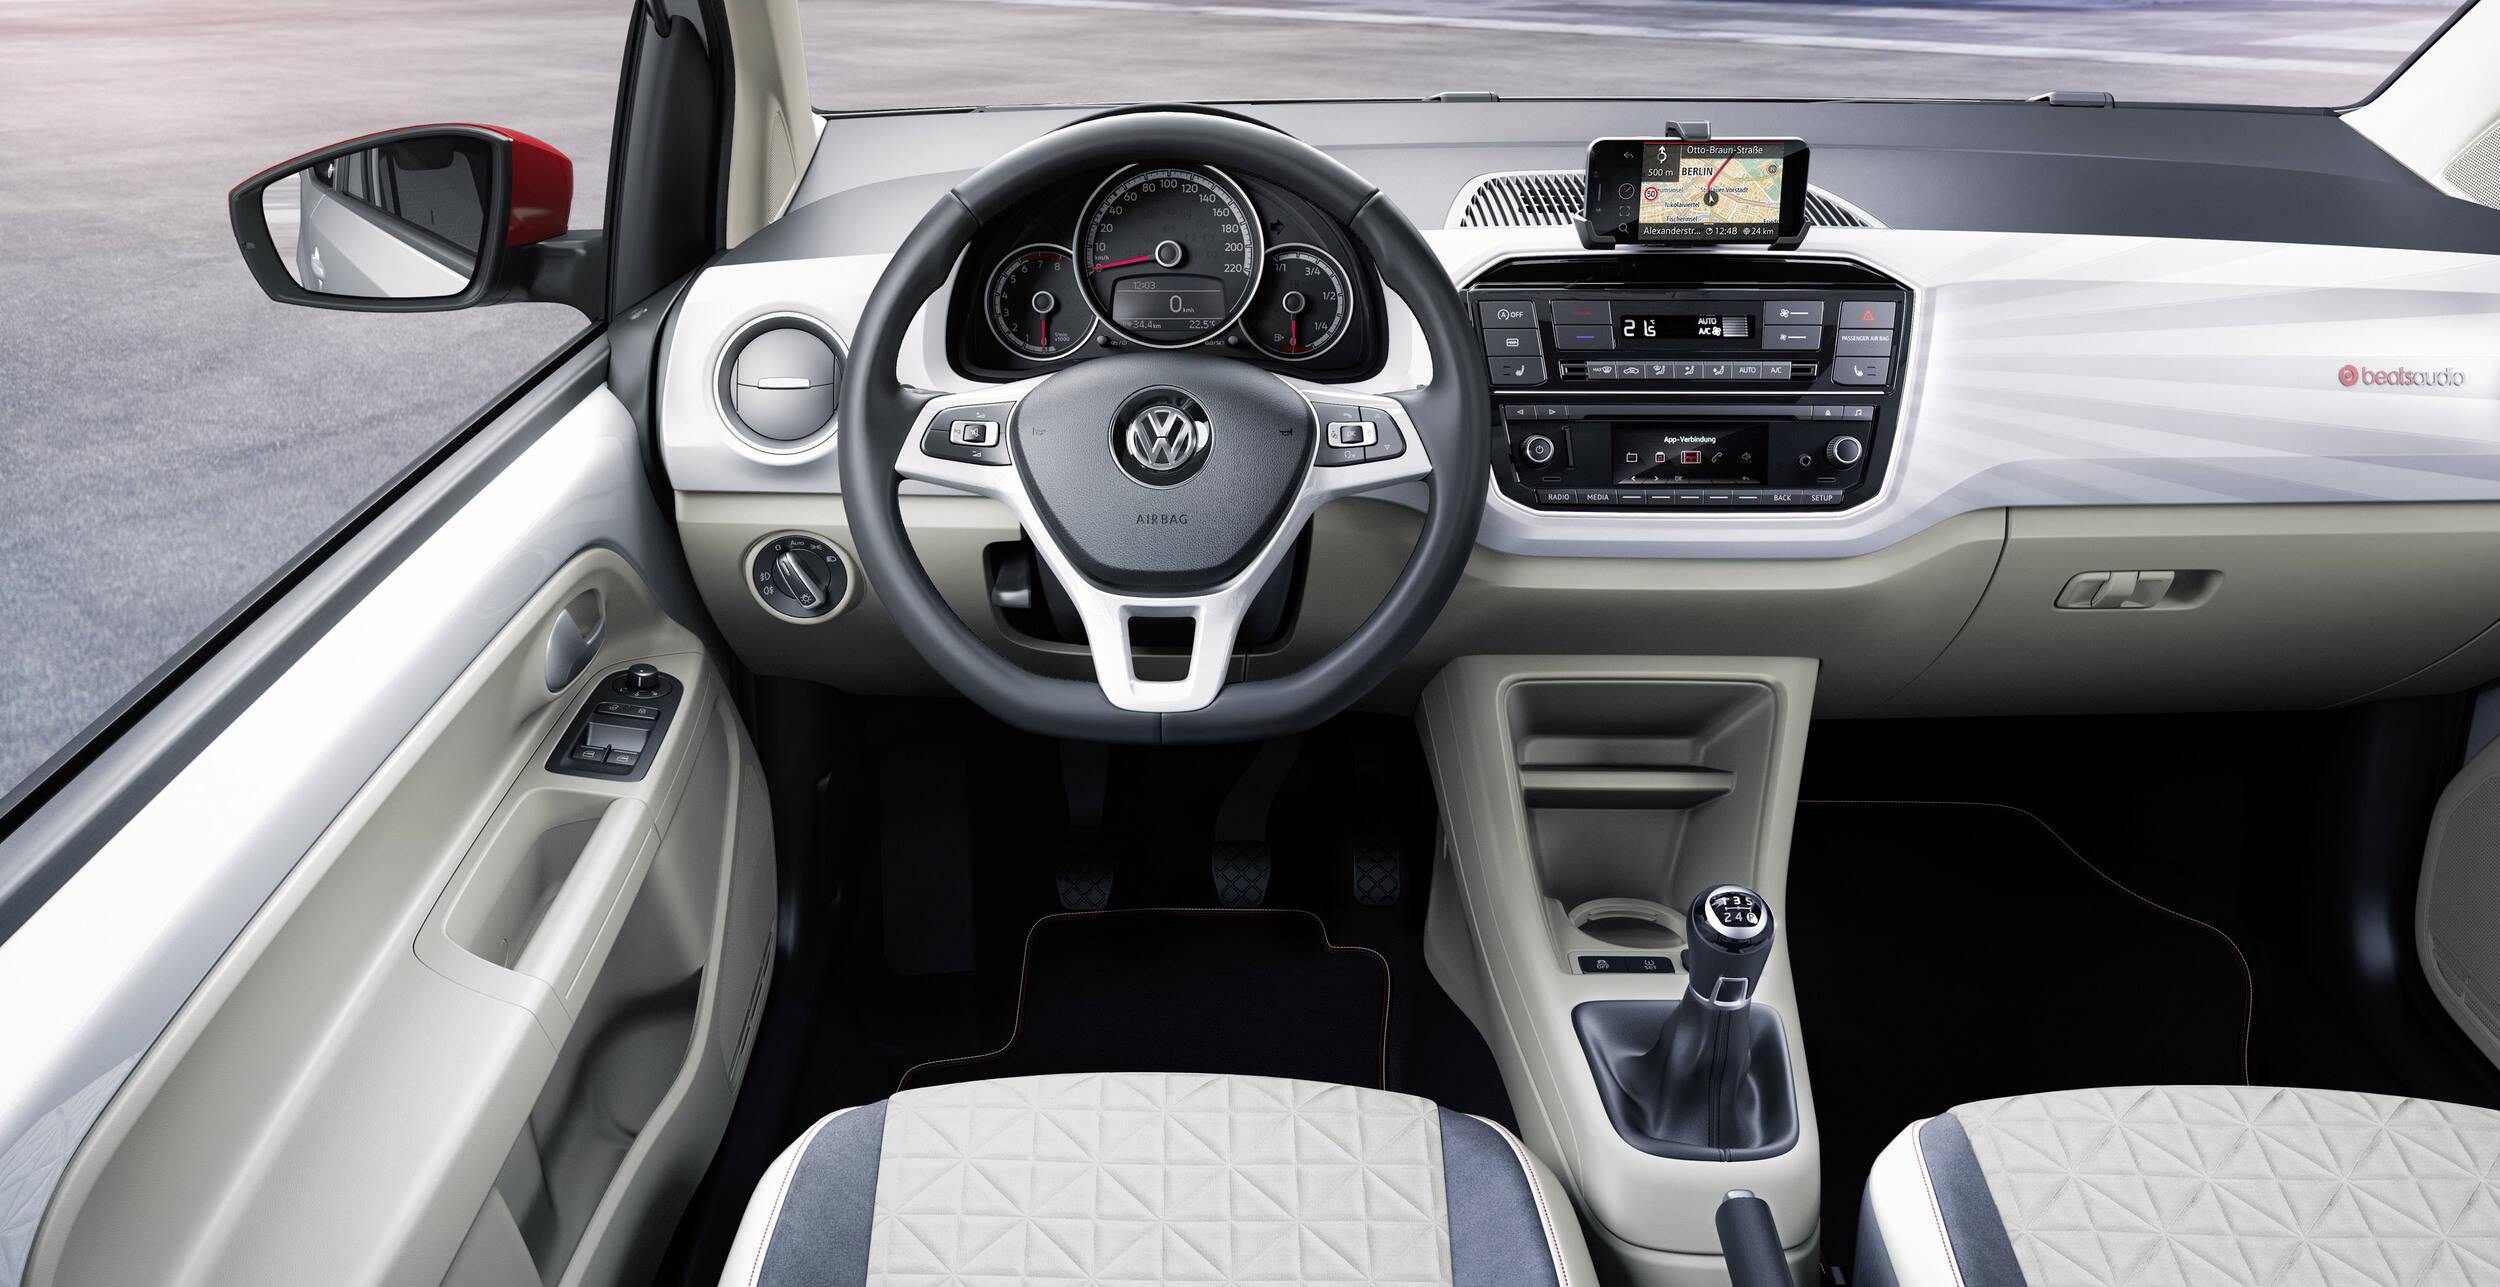 Volkswagen up!. Foto: Divulgação